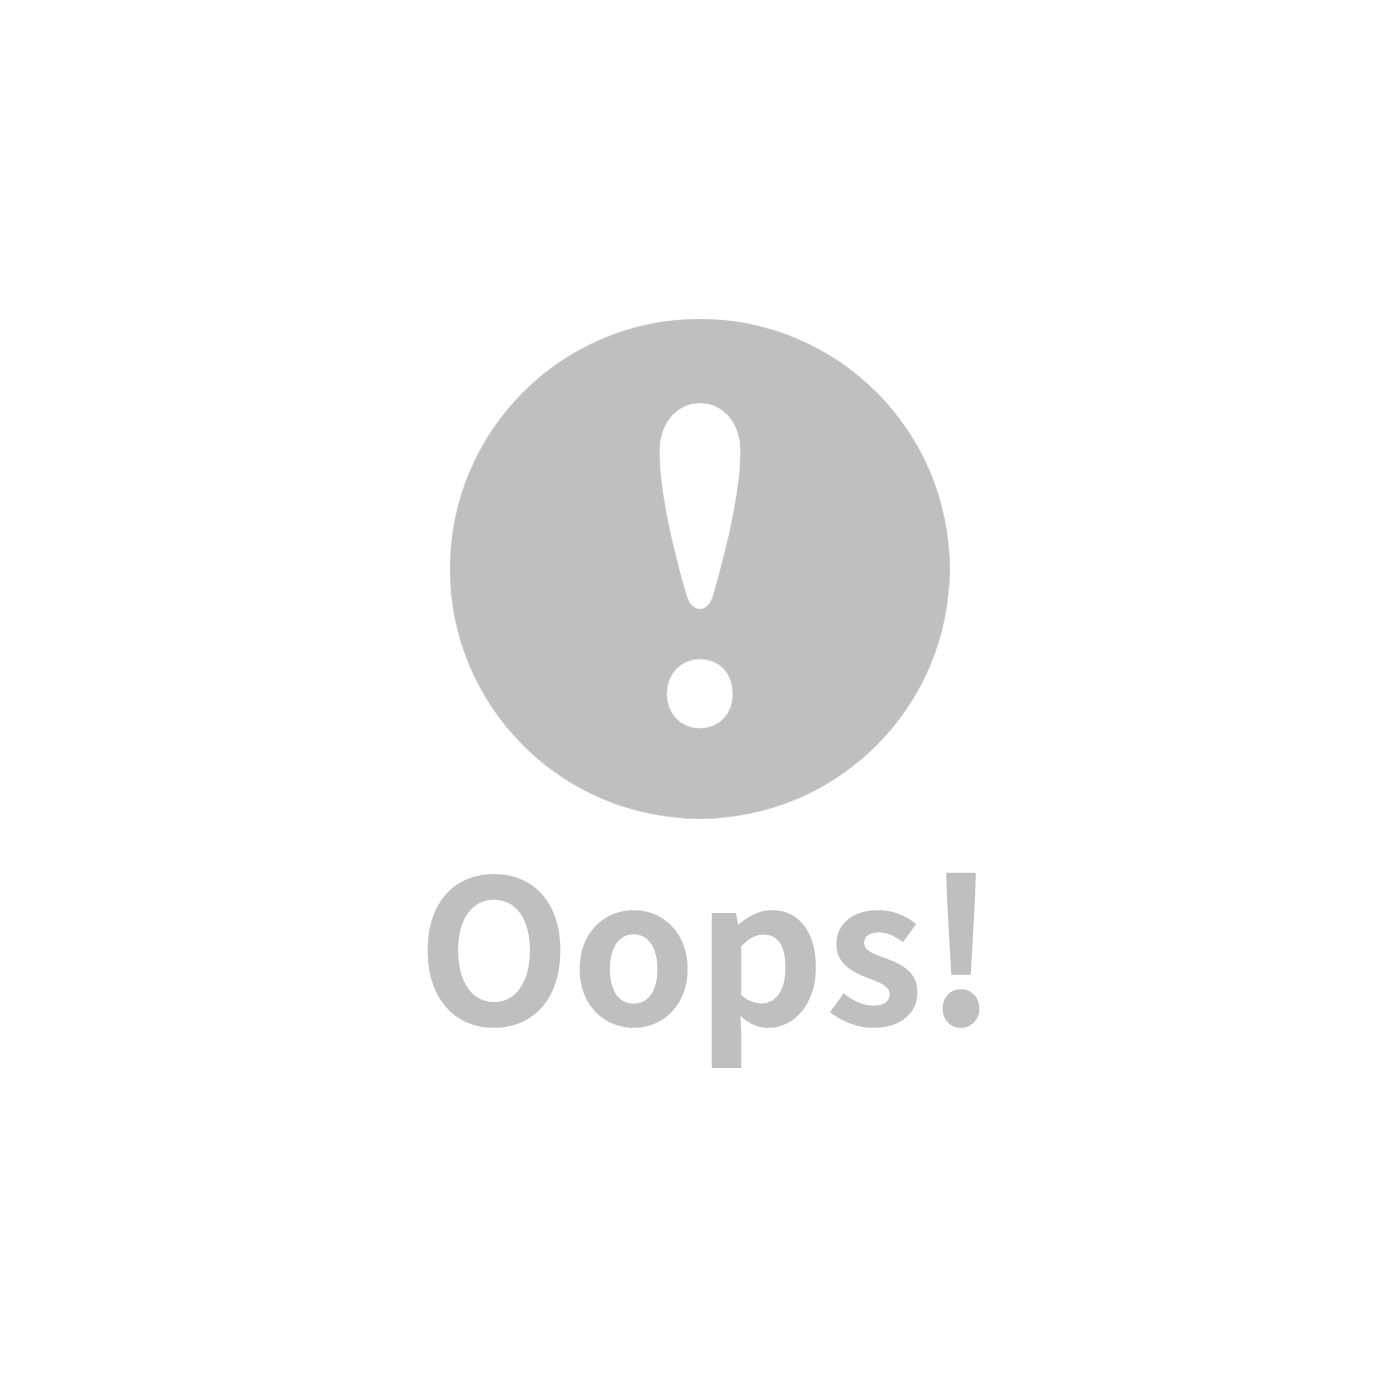 【韓國 lolbaby】Hi Jell-O涼感蒟蒻枕頭_防水隔尿款 (水湖塗鴉)